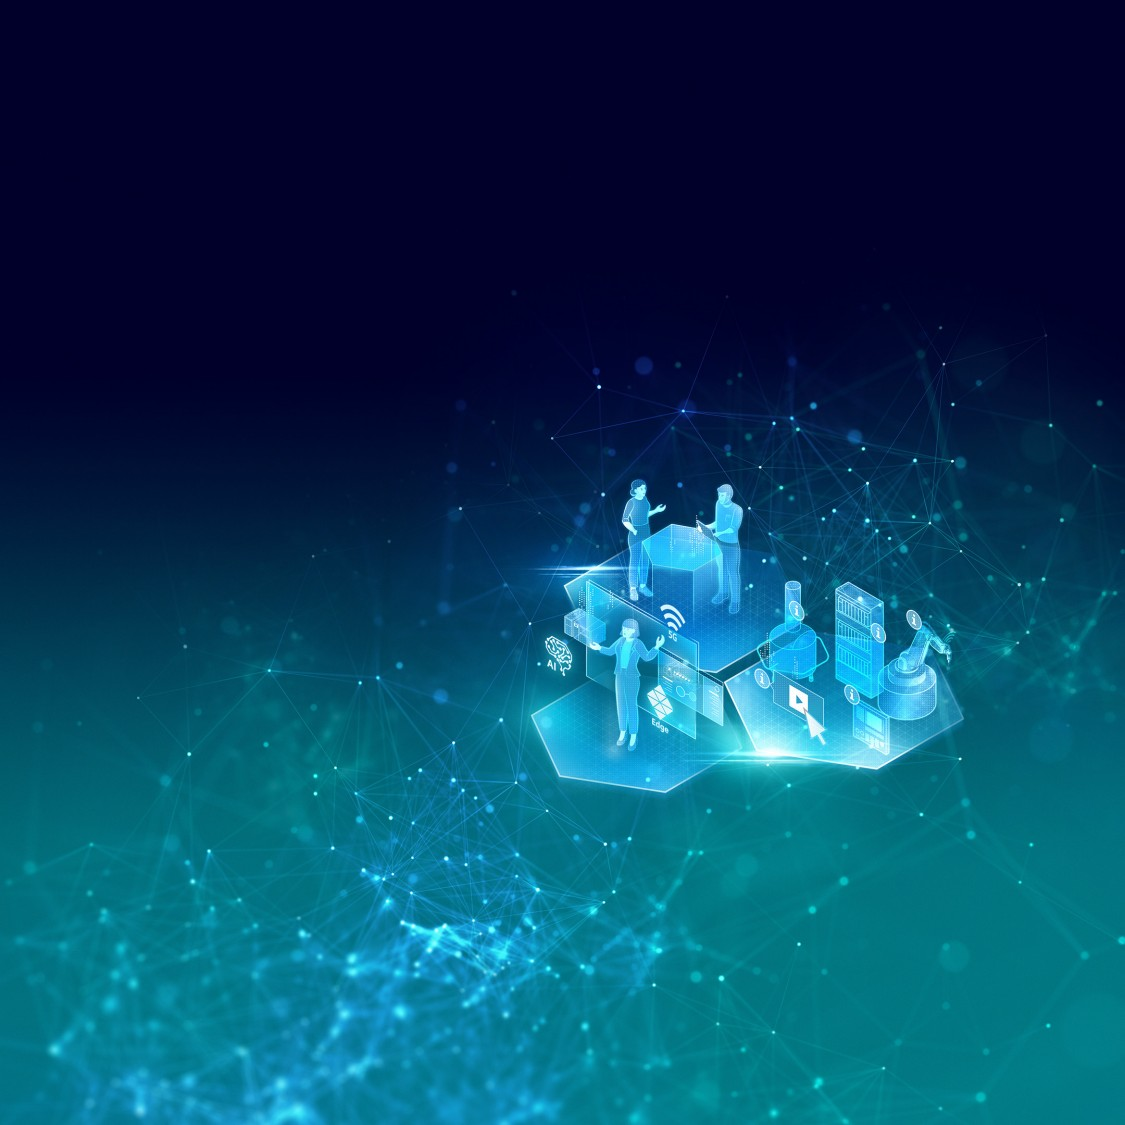 Siemens prezentuje elastyczne rozwiązania w warunkach szybko zmieniających się wymagań rynkowych oraz oferuje wszystkim zainteresowanym okazję do przystąpienia do dialogu z ekspertami w celu poszerzenia wiedzy i odkrycia w wirtualnym showroomie kolejnych rozwiązań 3D.